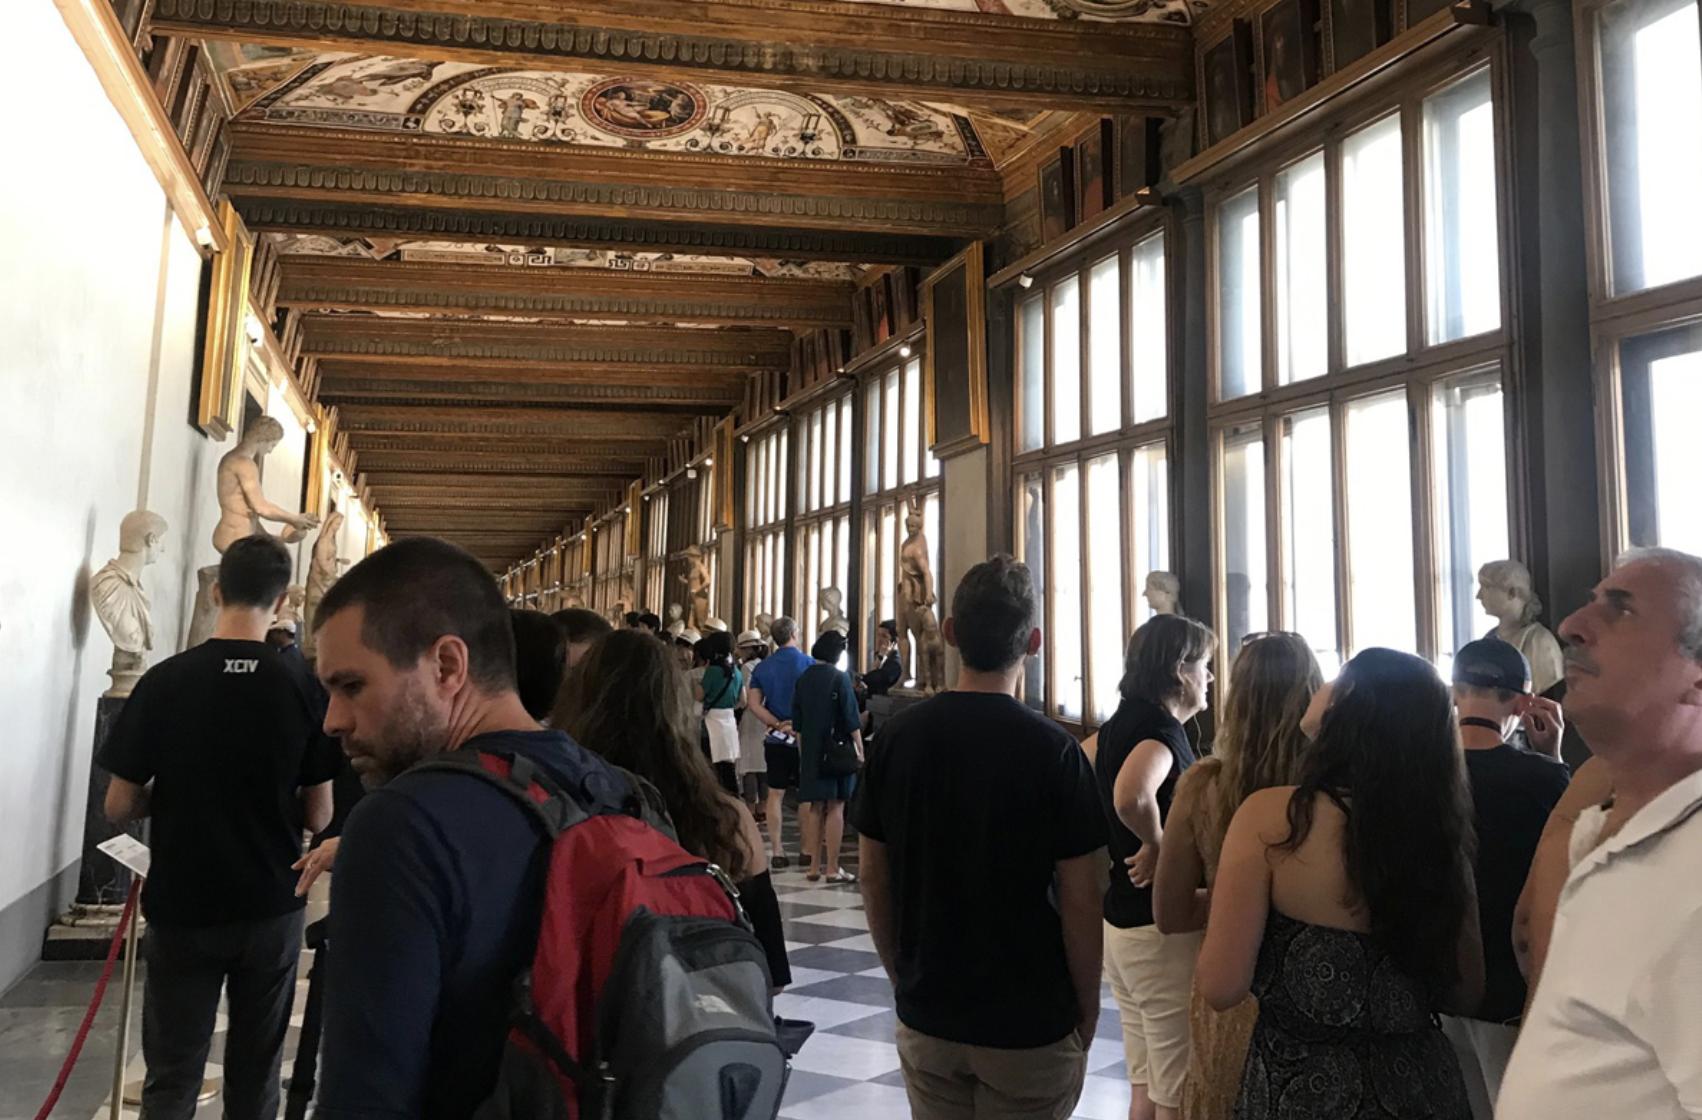 Uffizi Gallery: Exhibition Route